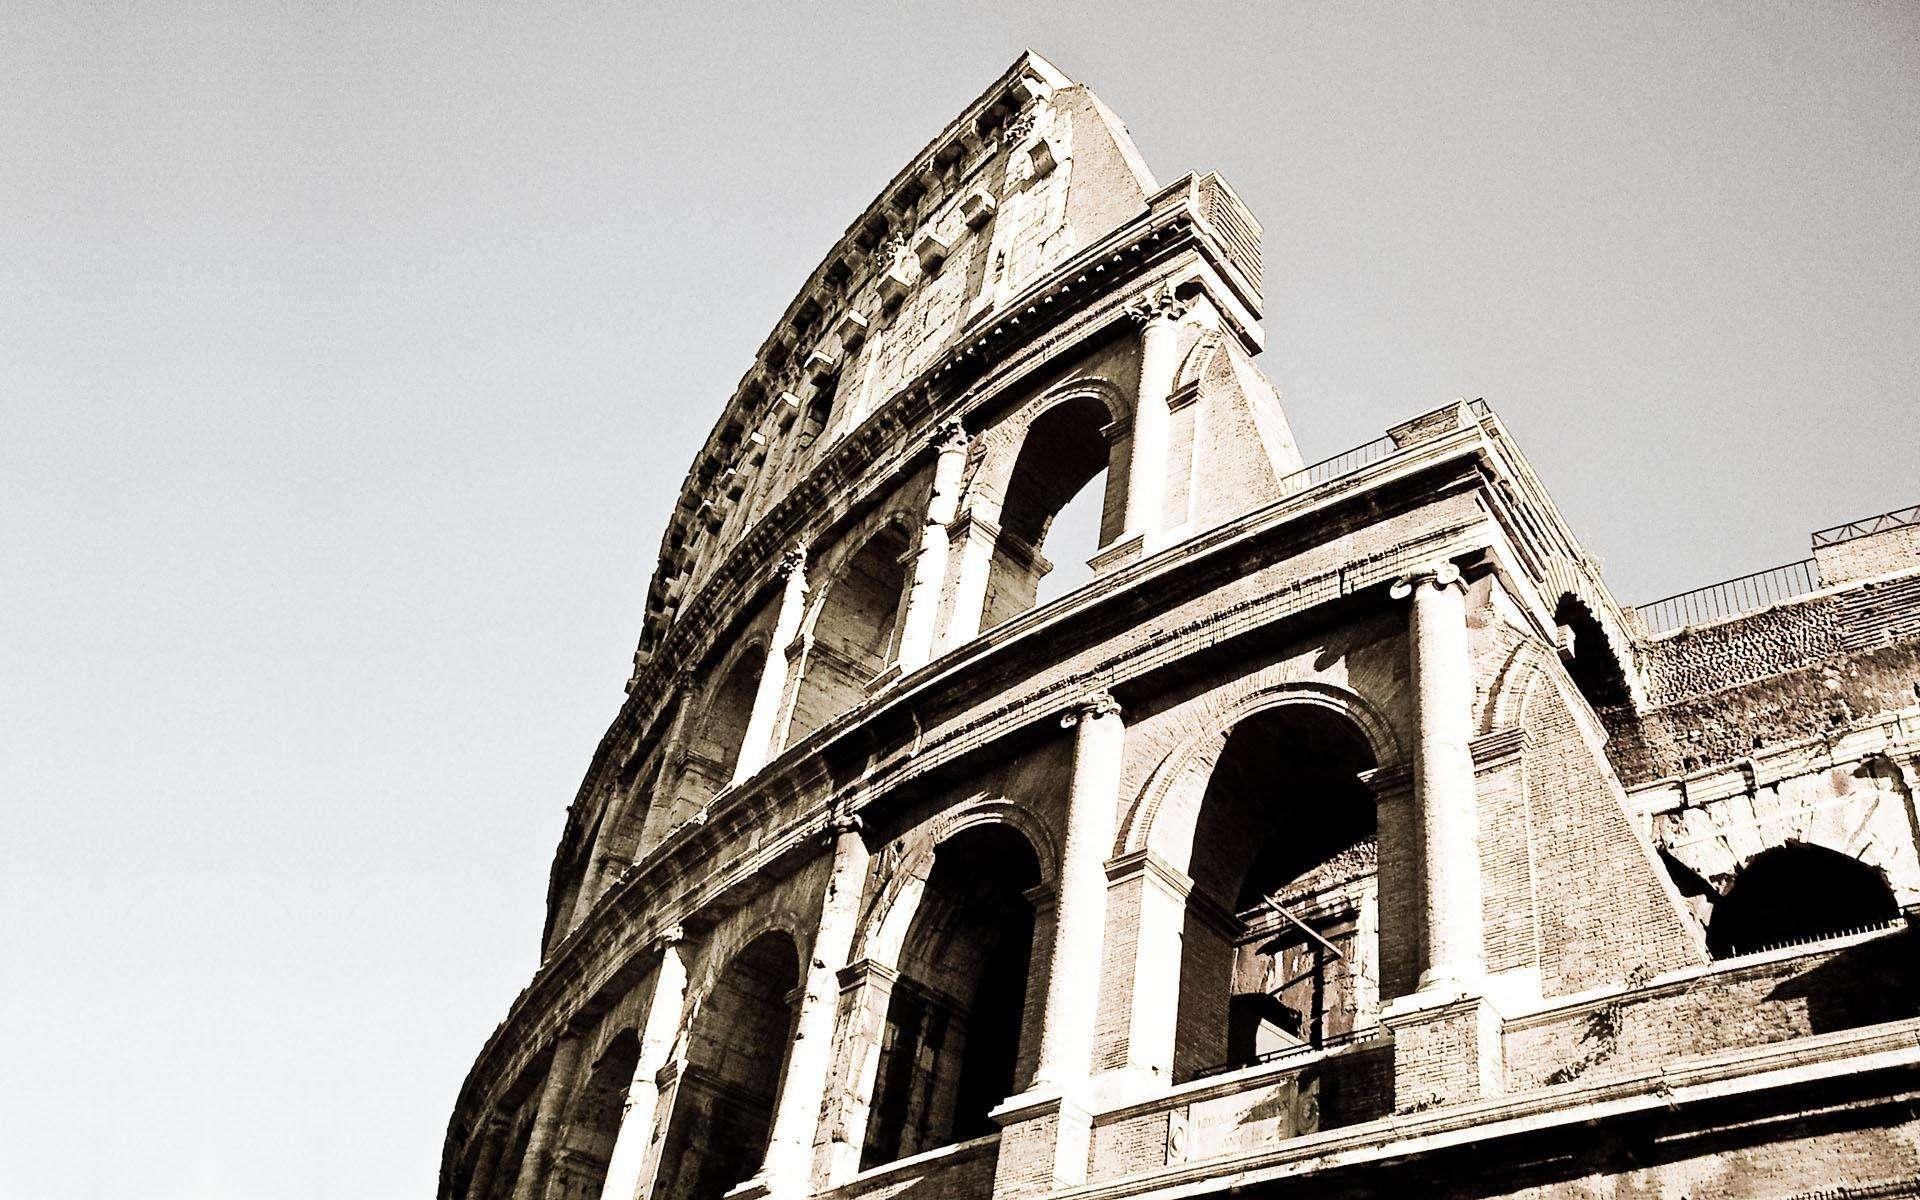 意大利或无可能修改草案 欧元面临考验